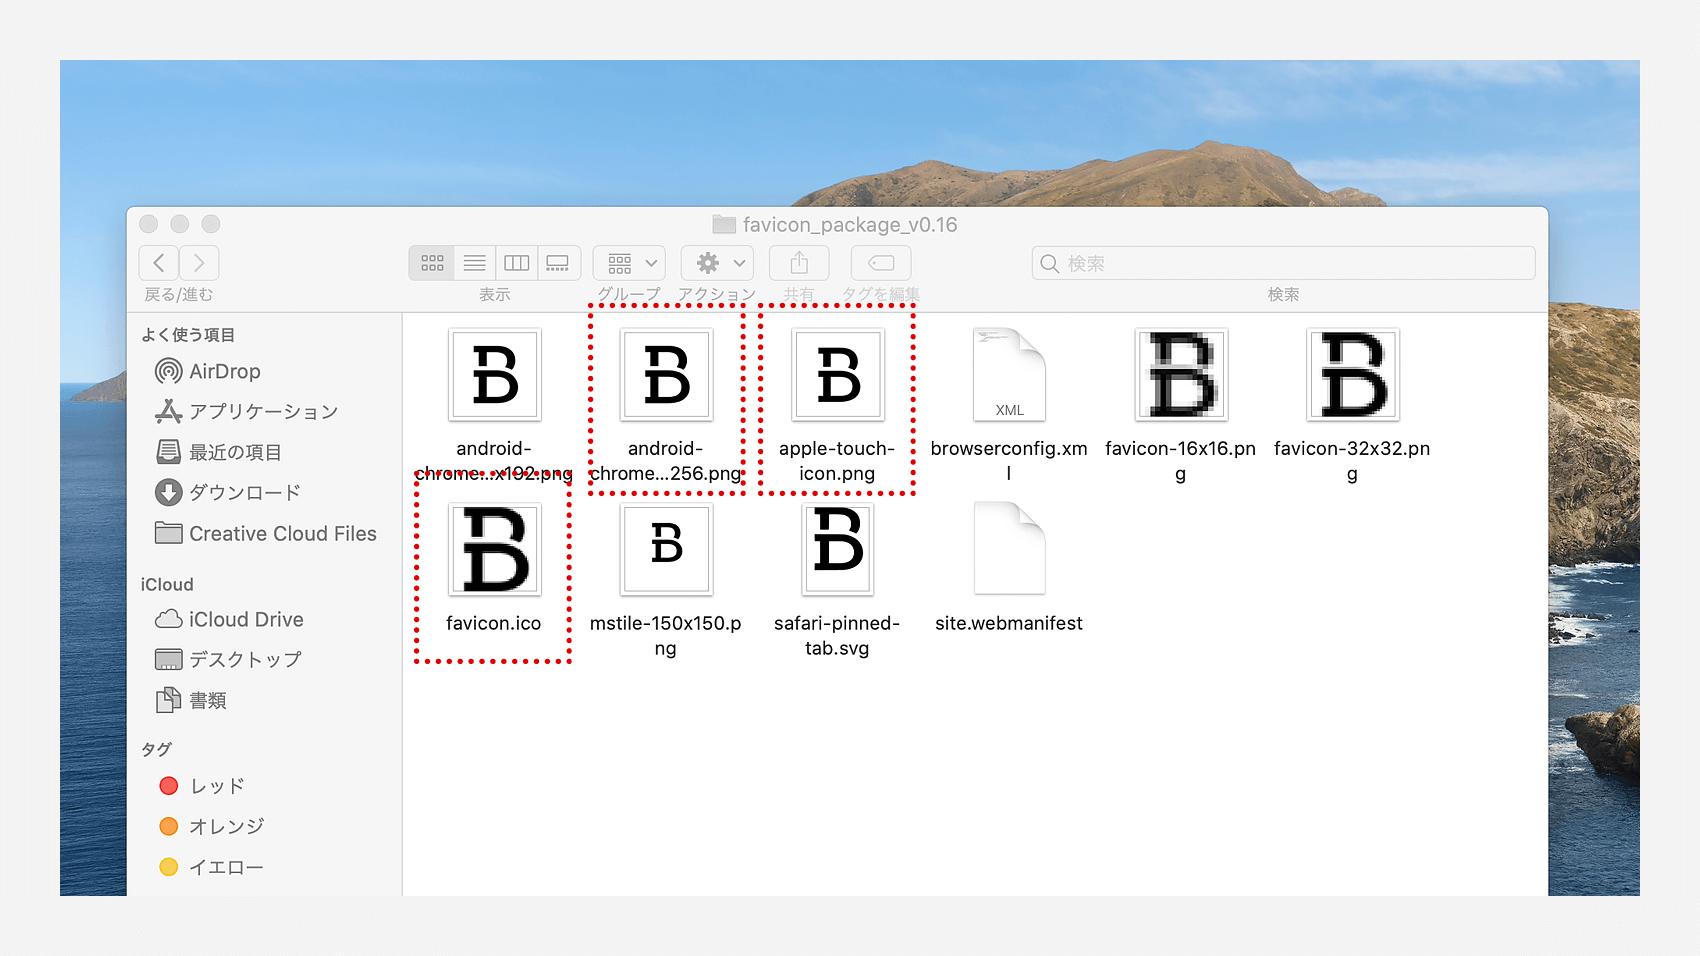 ダウンロードして解凍したファビコンファイルフォルダ